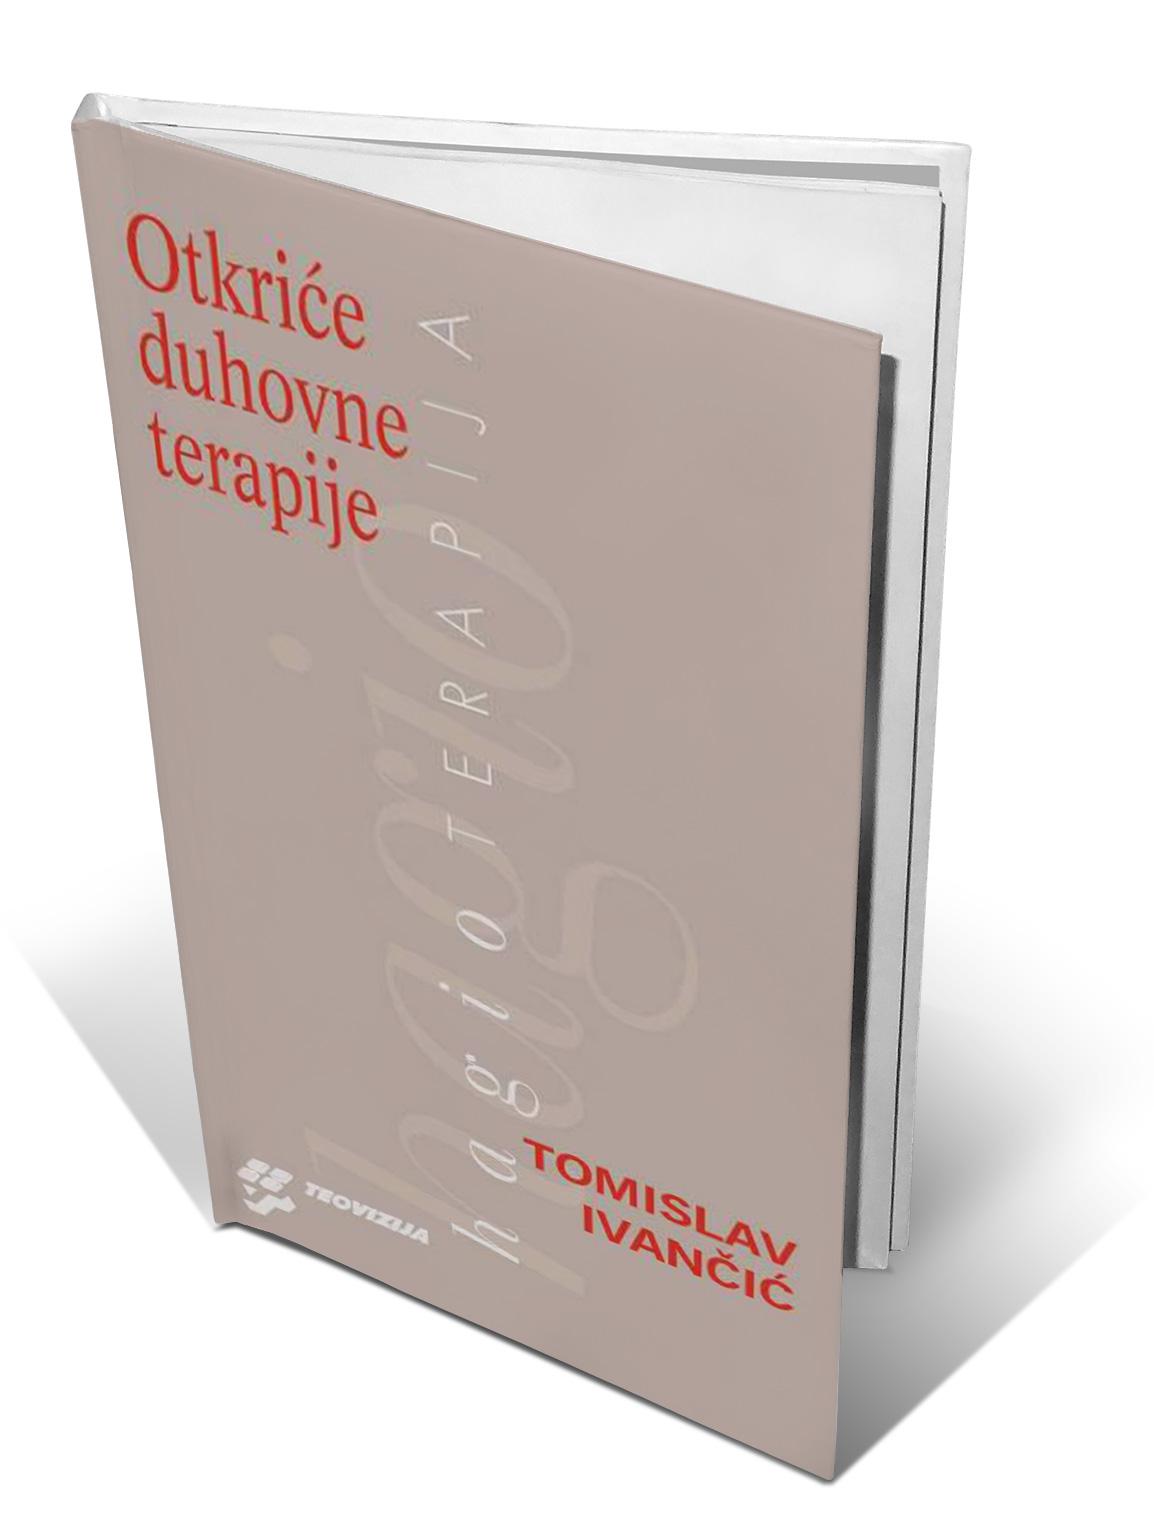 OTKRIĆE DUHOVNE TERAPIJE - Tomislav Ivančić